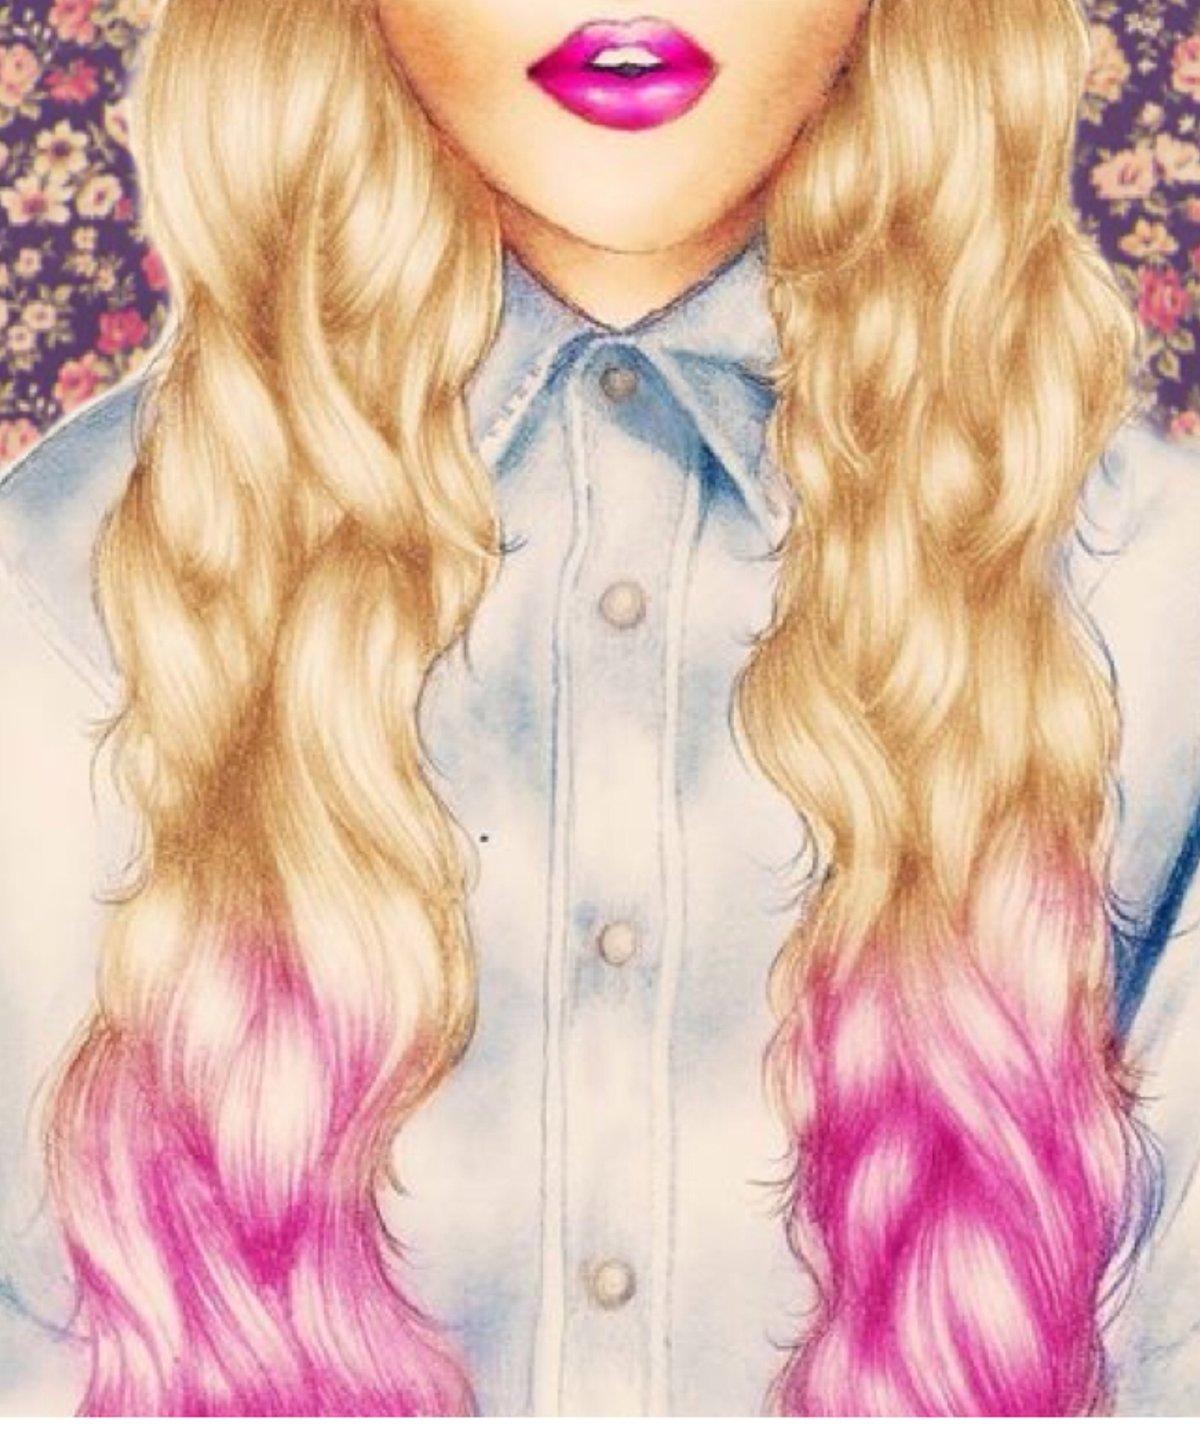 Картинки девушек прикольные красивые цветные